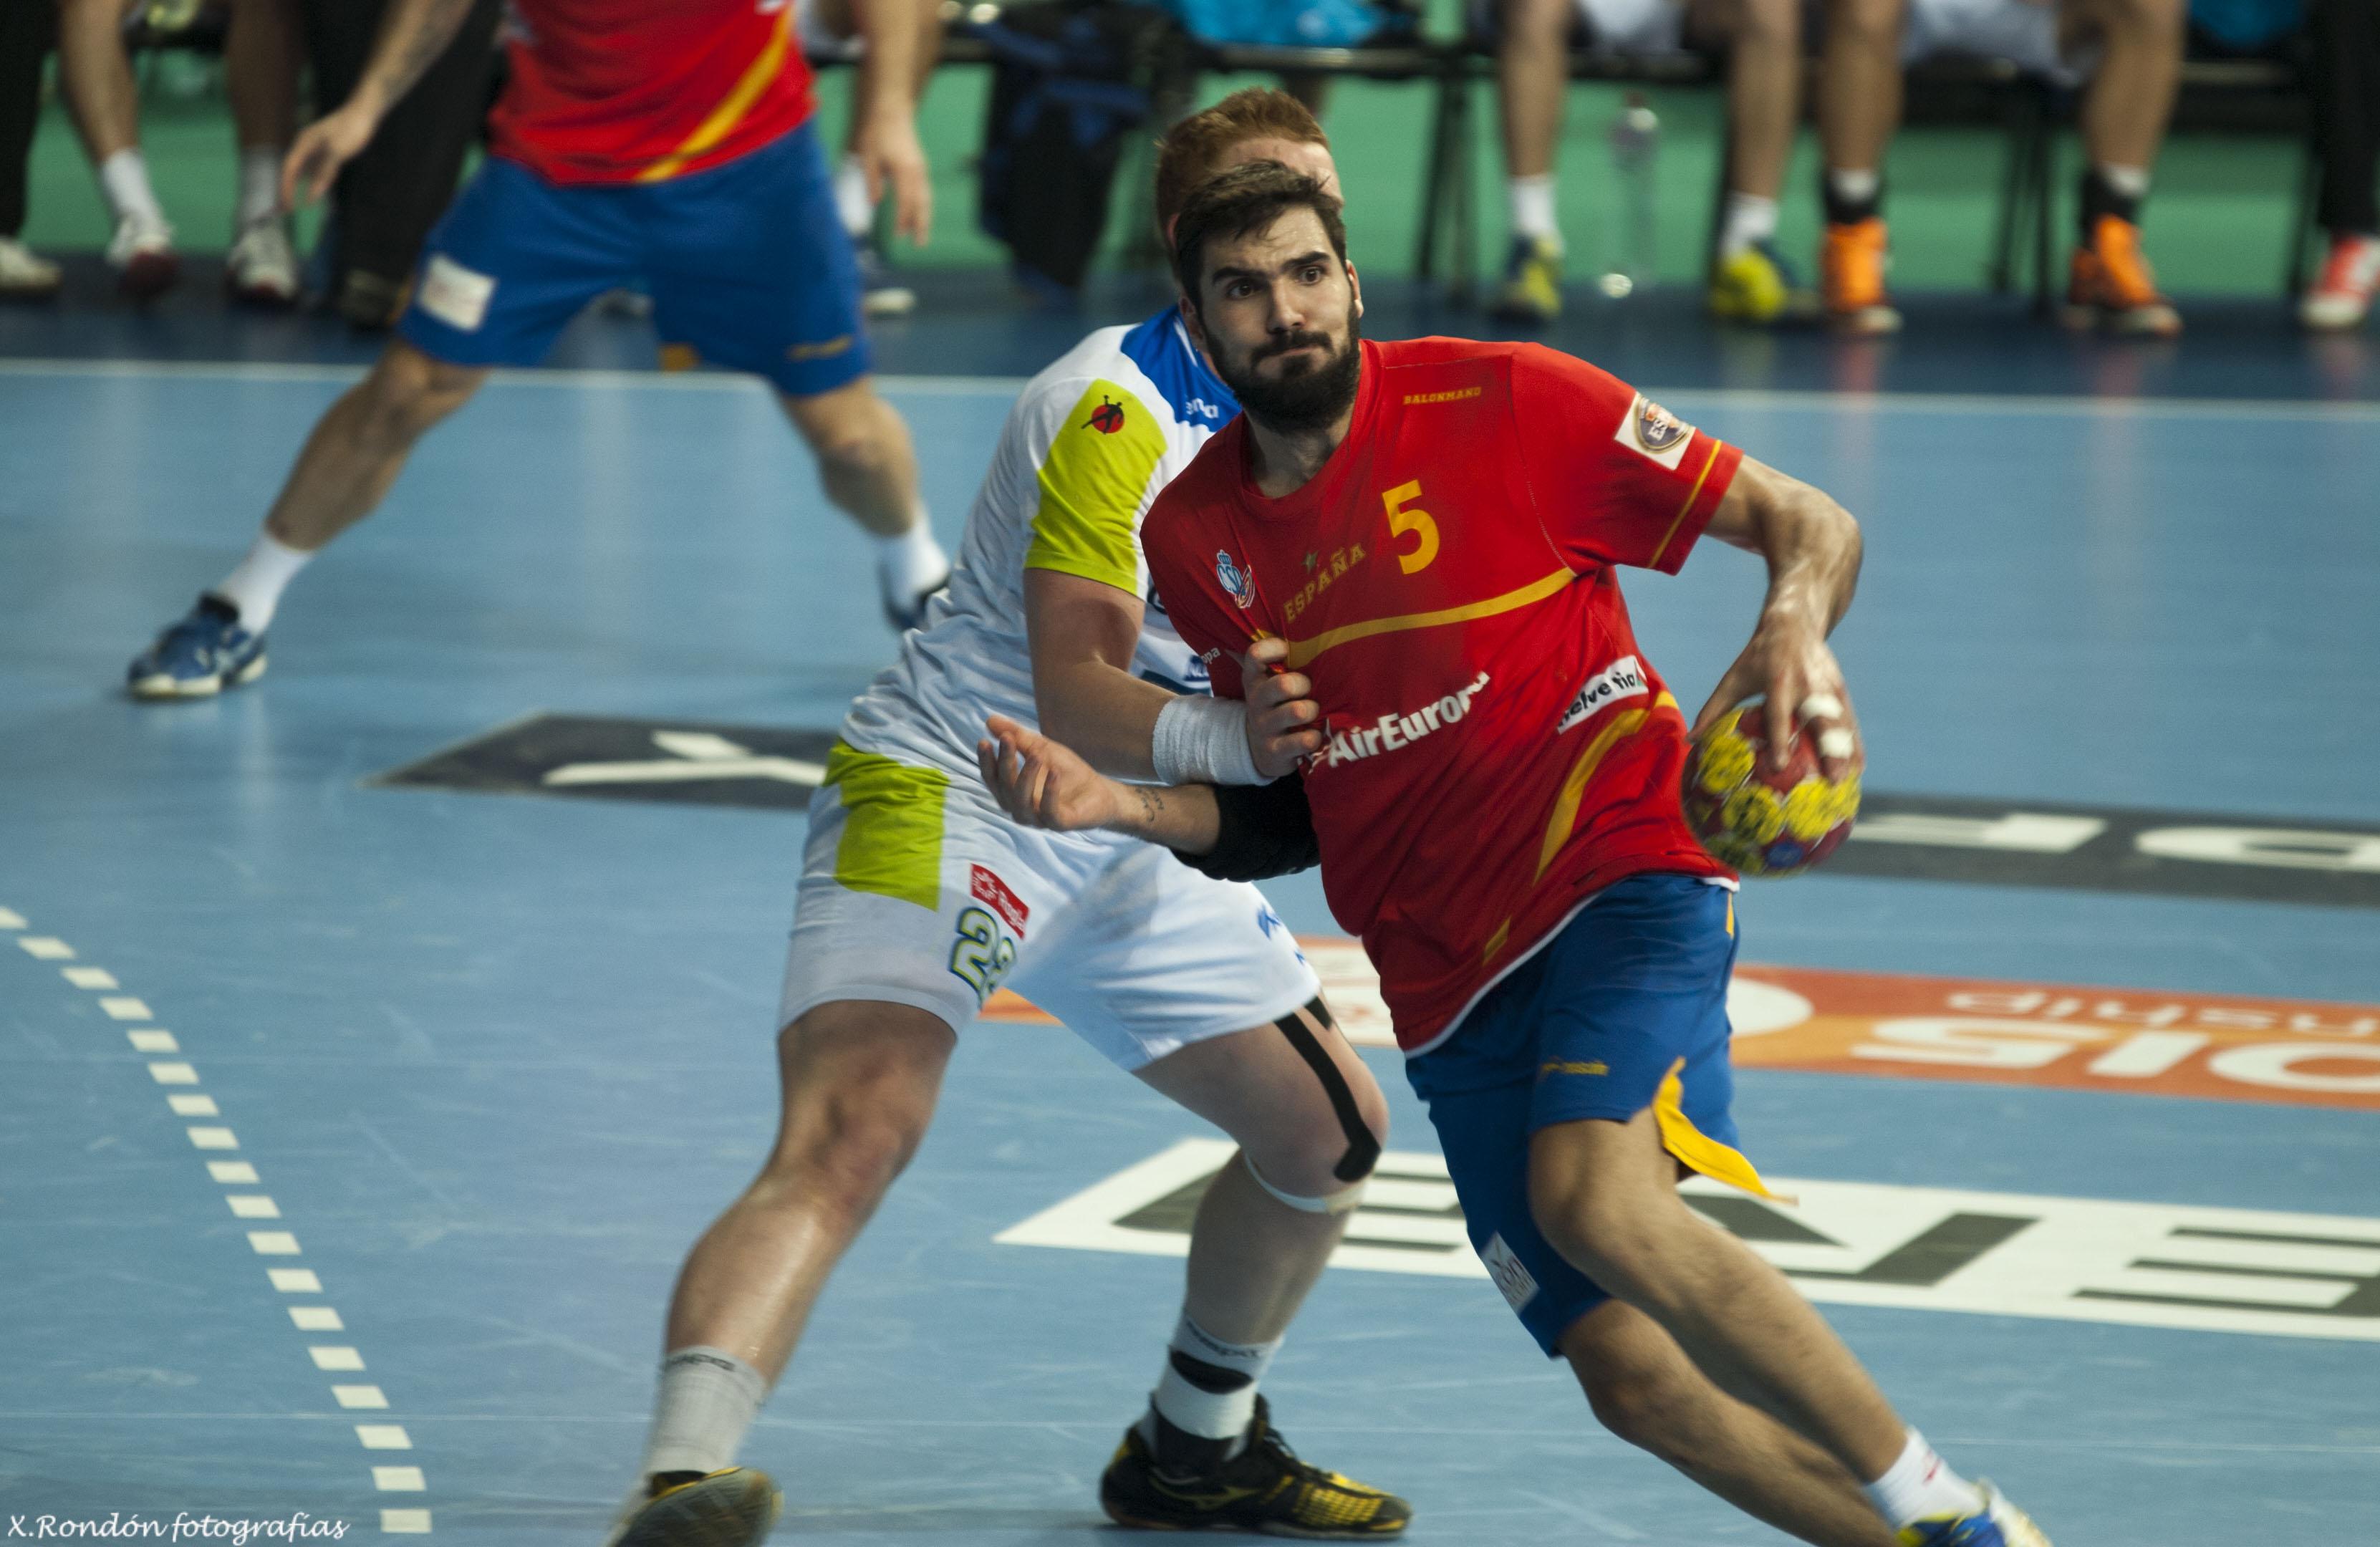 Handball History World at 2013 World Handball